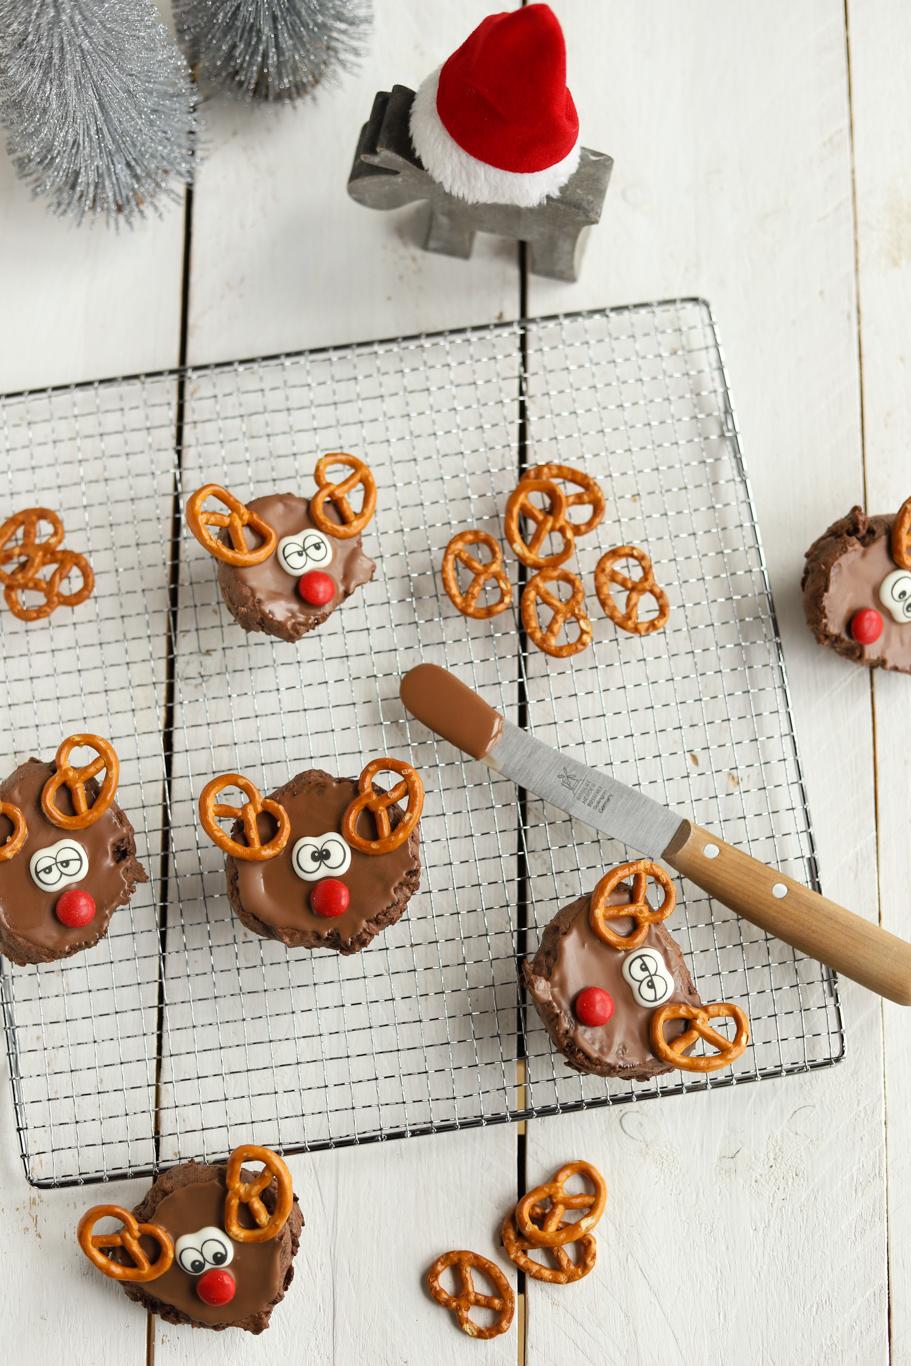 Rotweinkuchen Amerikaner Rentiere Weihnachten Salzbrezel Schokoladenkuchen Schokolade Adventskalender krimiundkeks